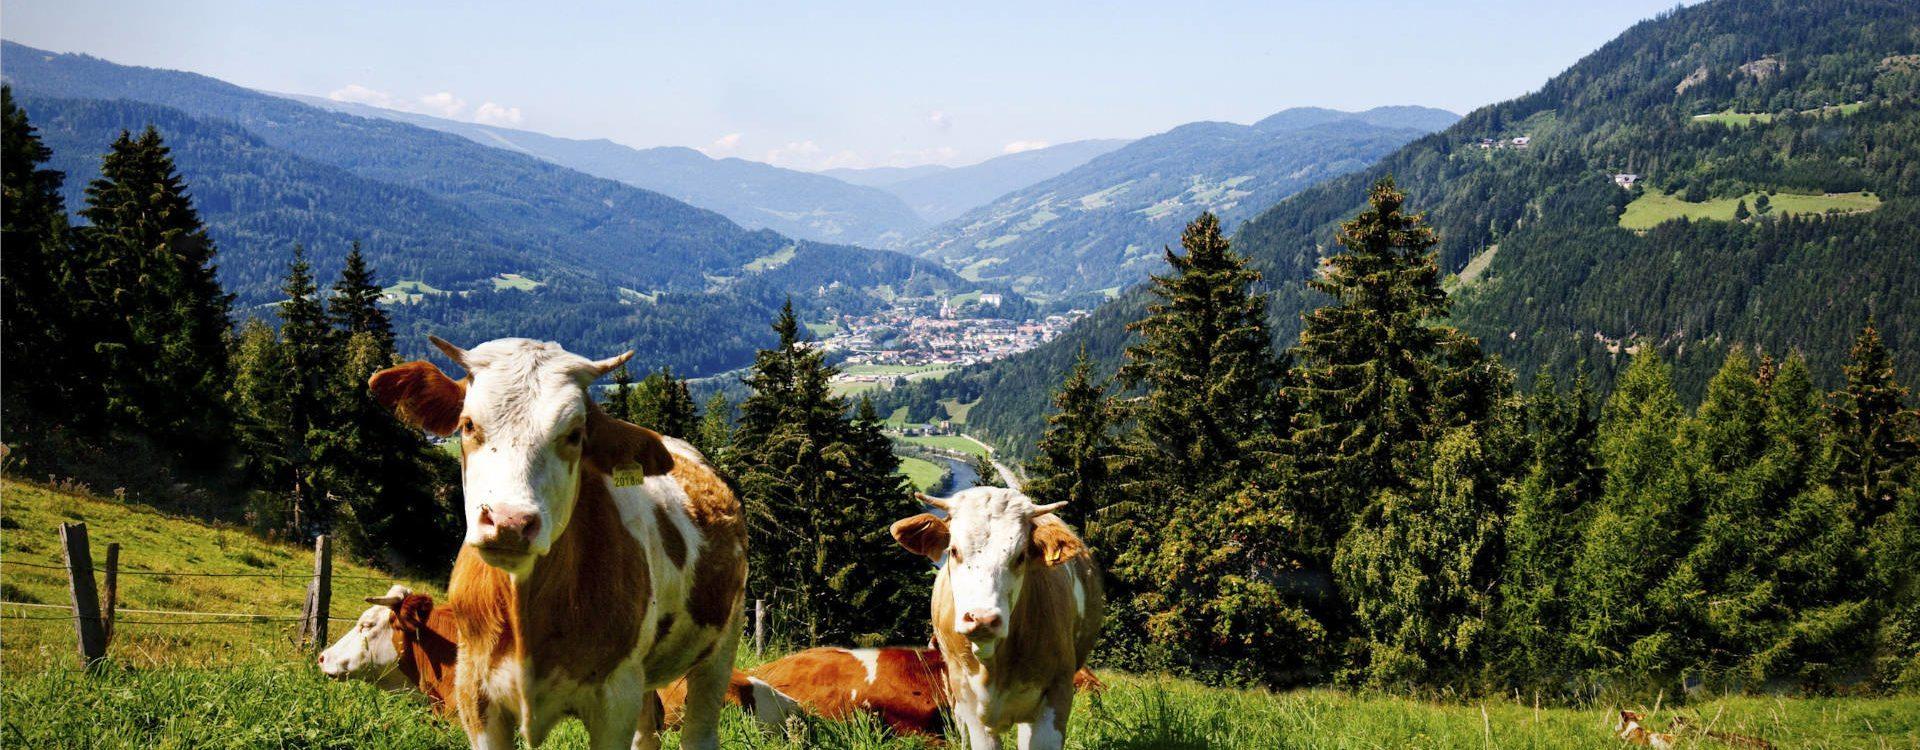 Unsere Tiere - Vitalhof Rohrer Ferienwohnungen